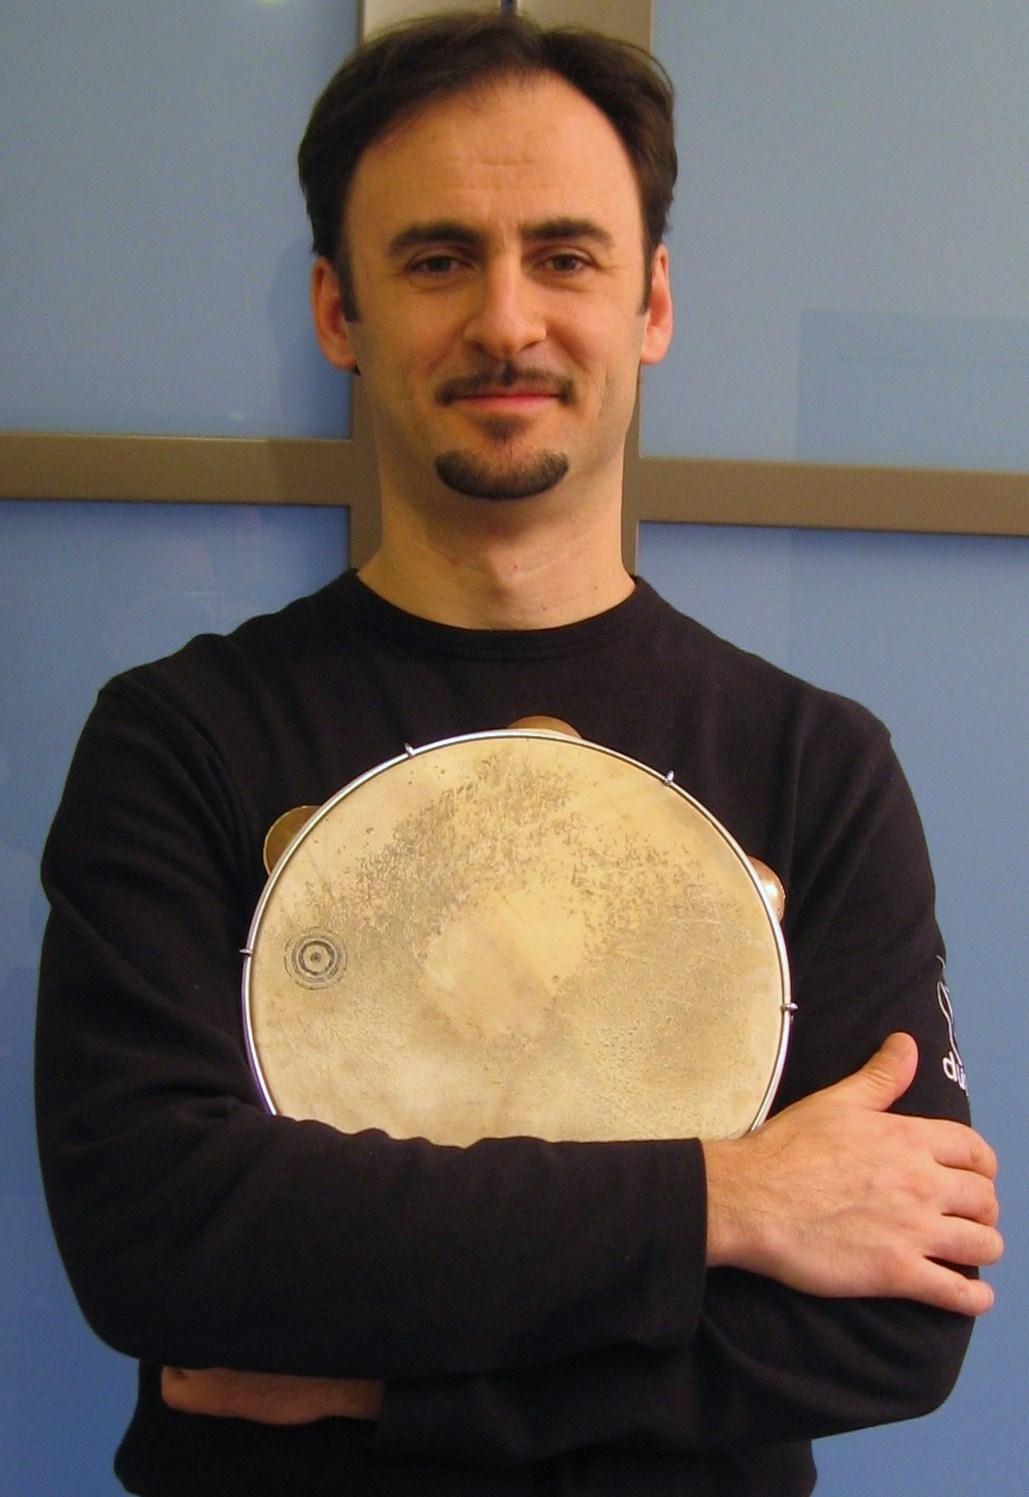 DAVIDE BERNARO